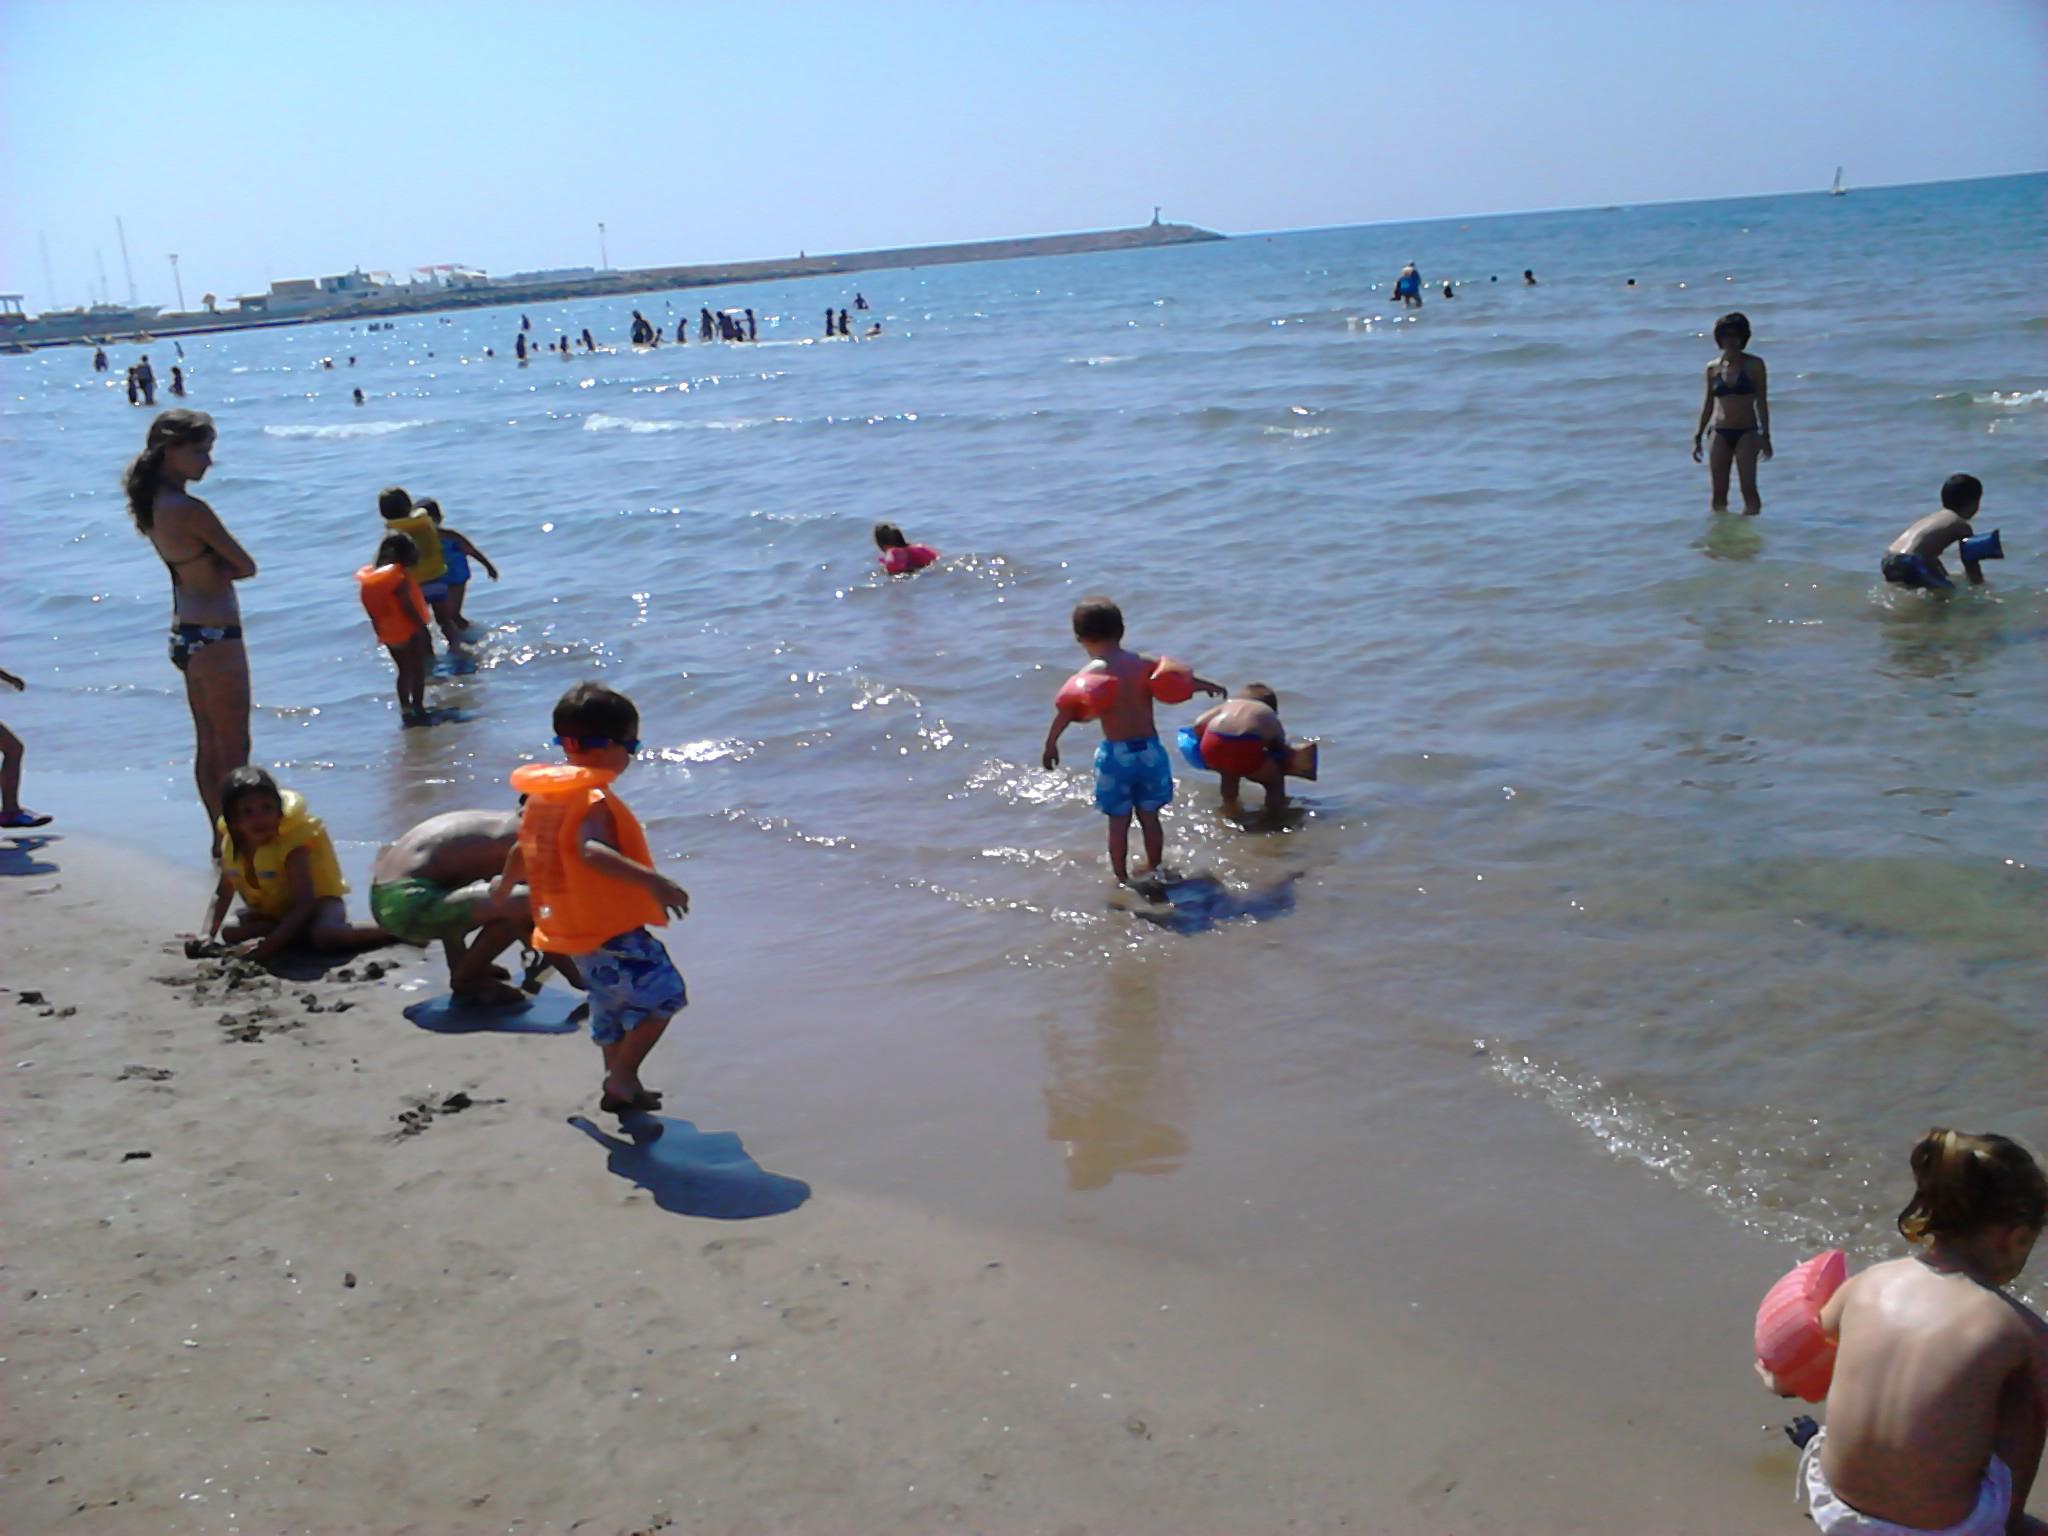 Activitats de lleure al mar